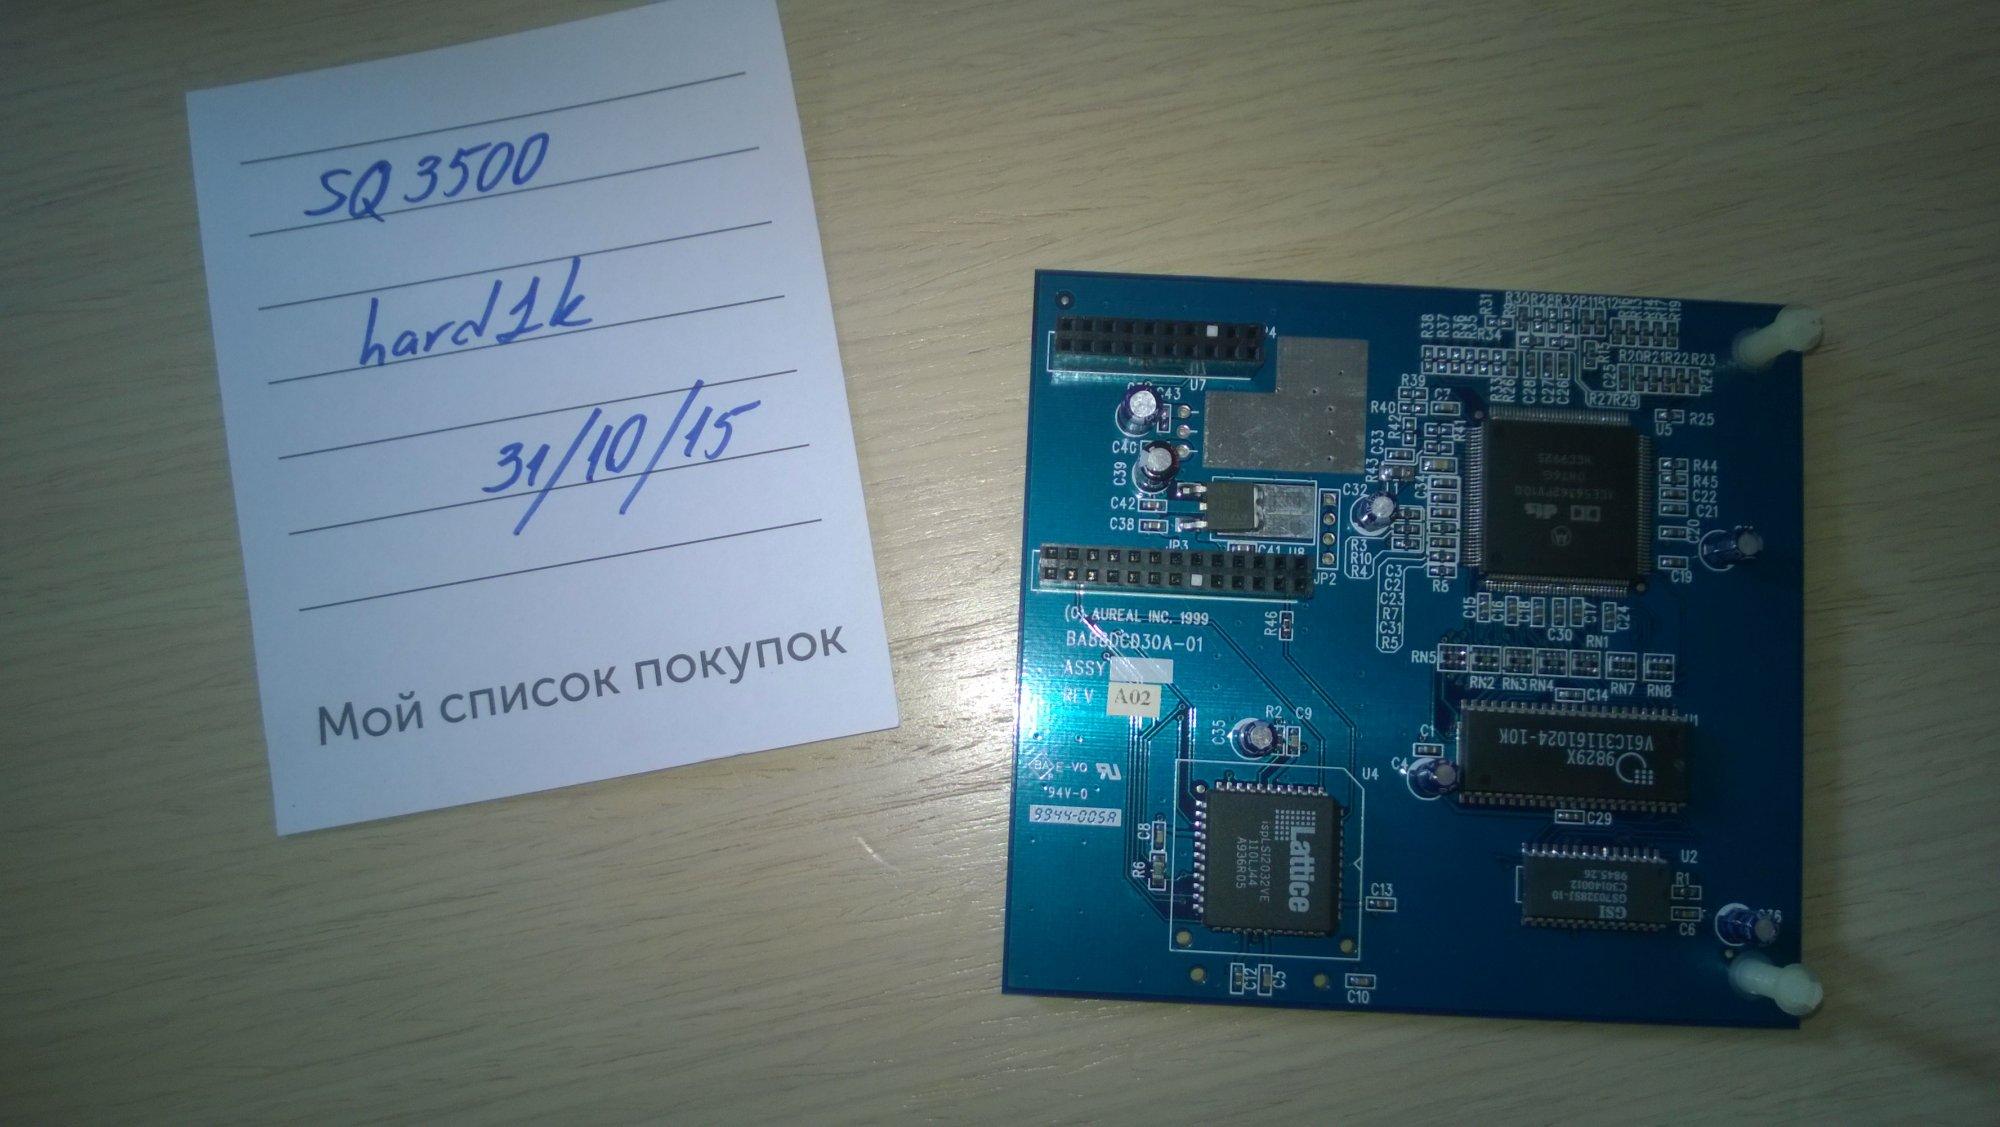 SQ3500.jpg